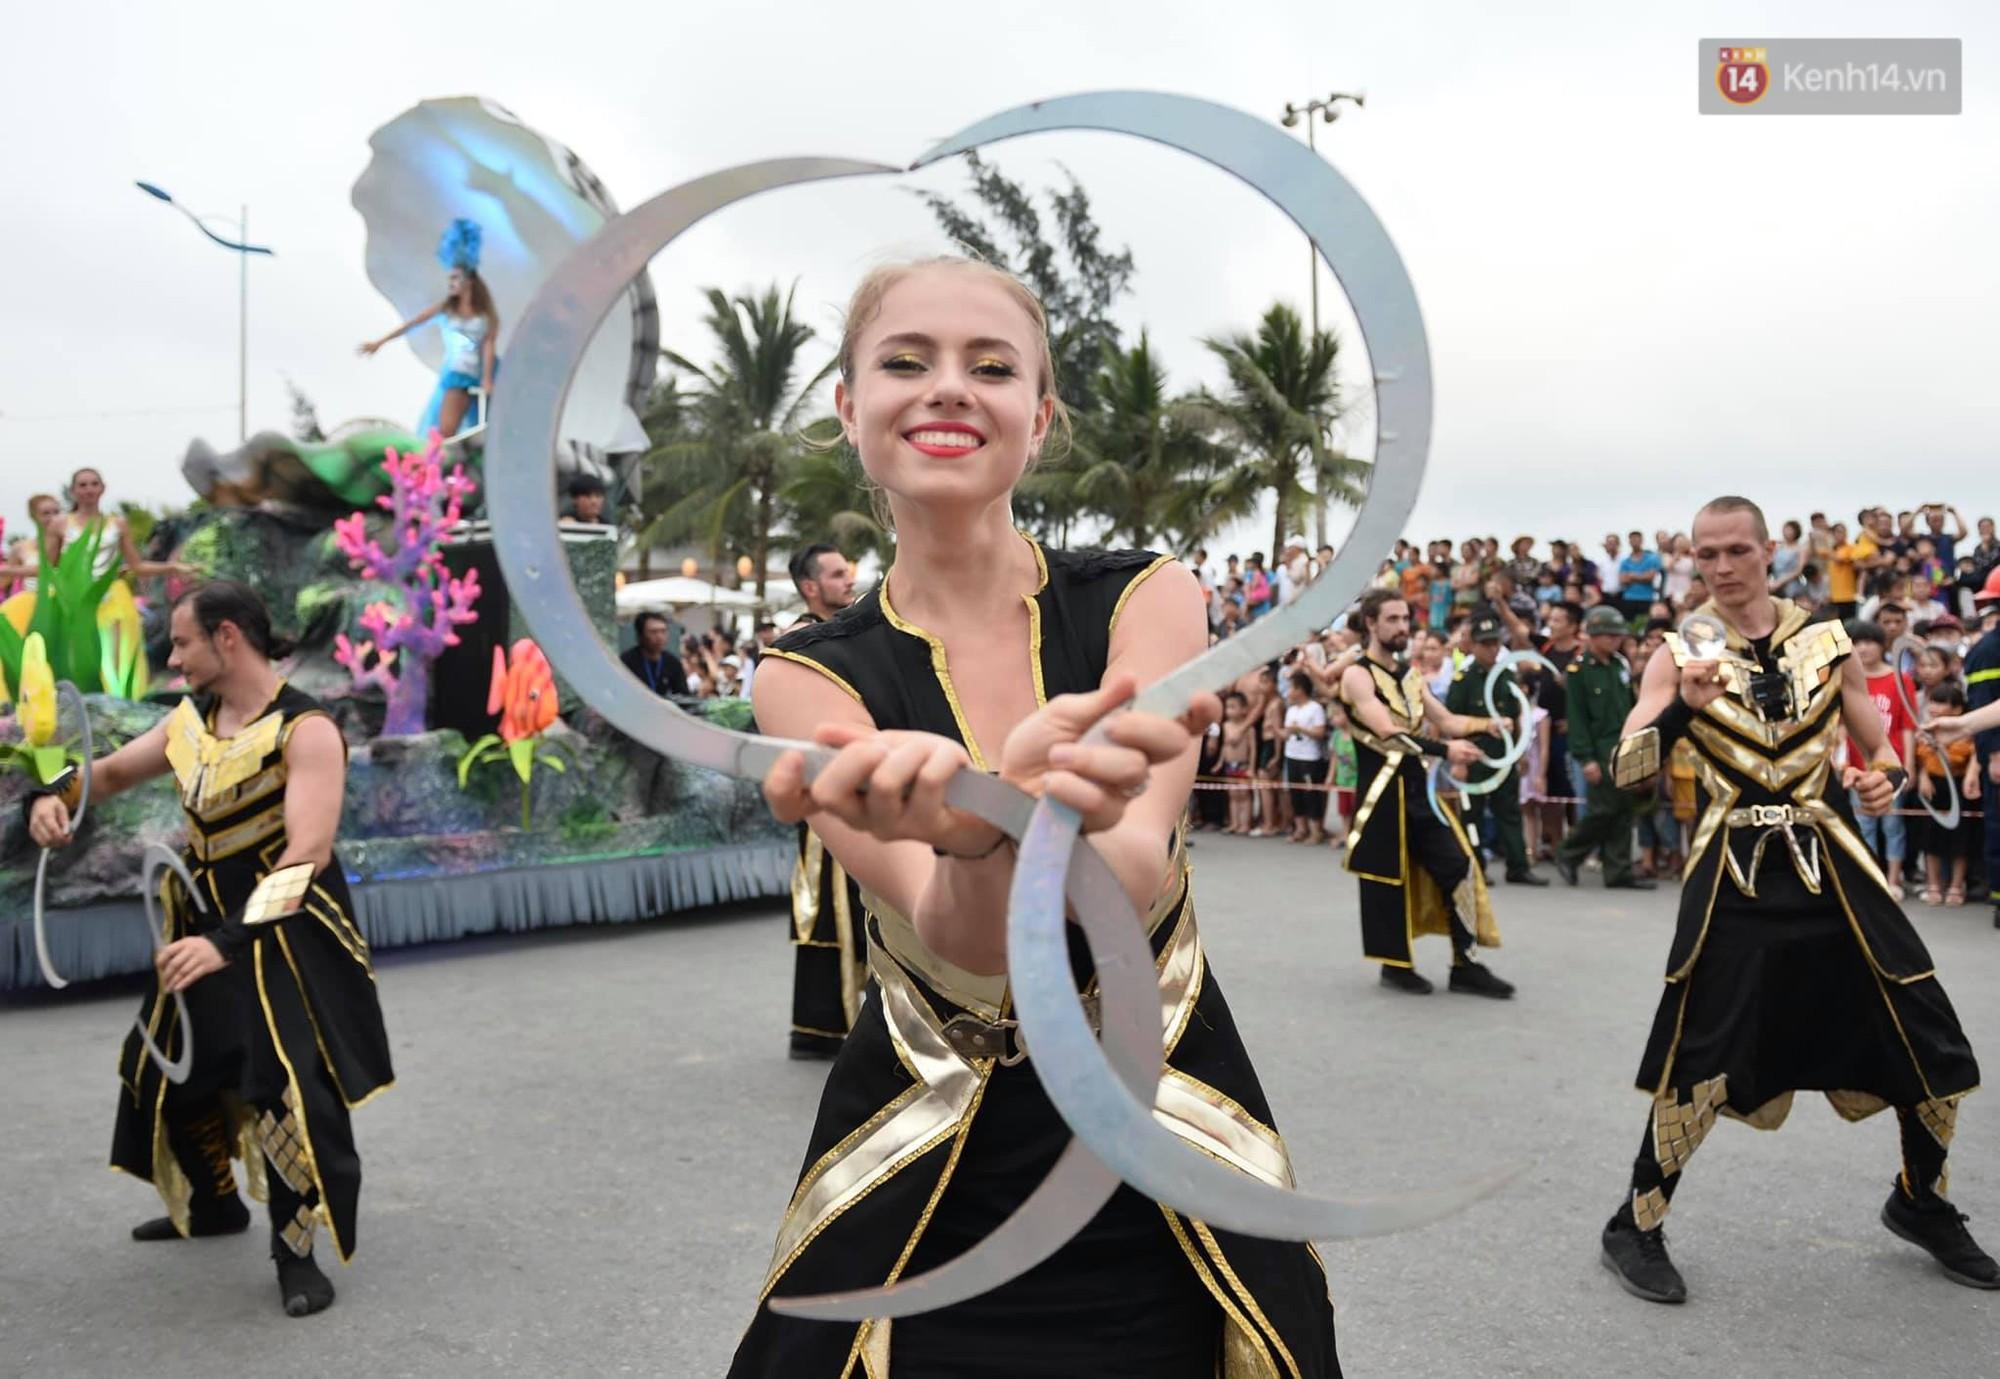 Màn Canaval sinh động và giao lưu với khán giả ấn tượng tại lễ hội du lịch biển Sầm Sơn - Ảnh 2.